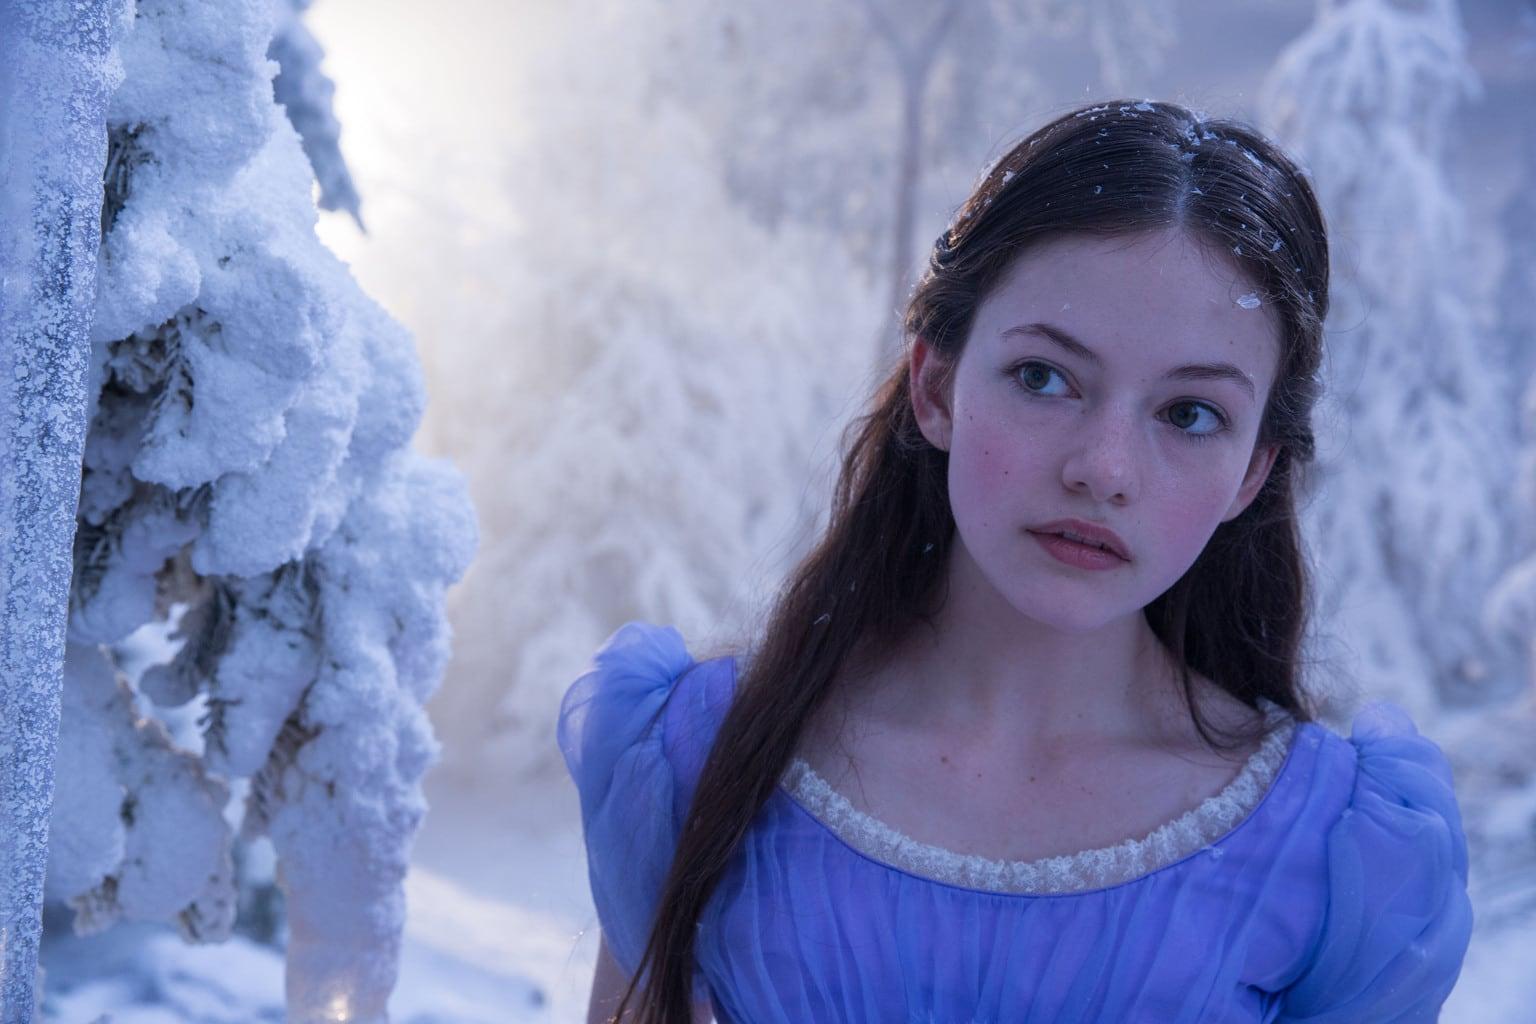 Mackenzie Foy Interview - Disney's Nutcracker and the Four Realms - Mackenzie Foy's favorite realm